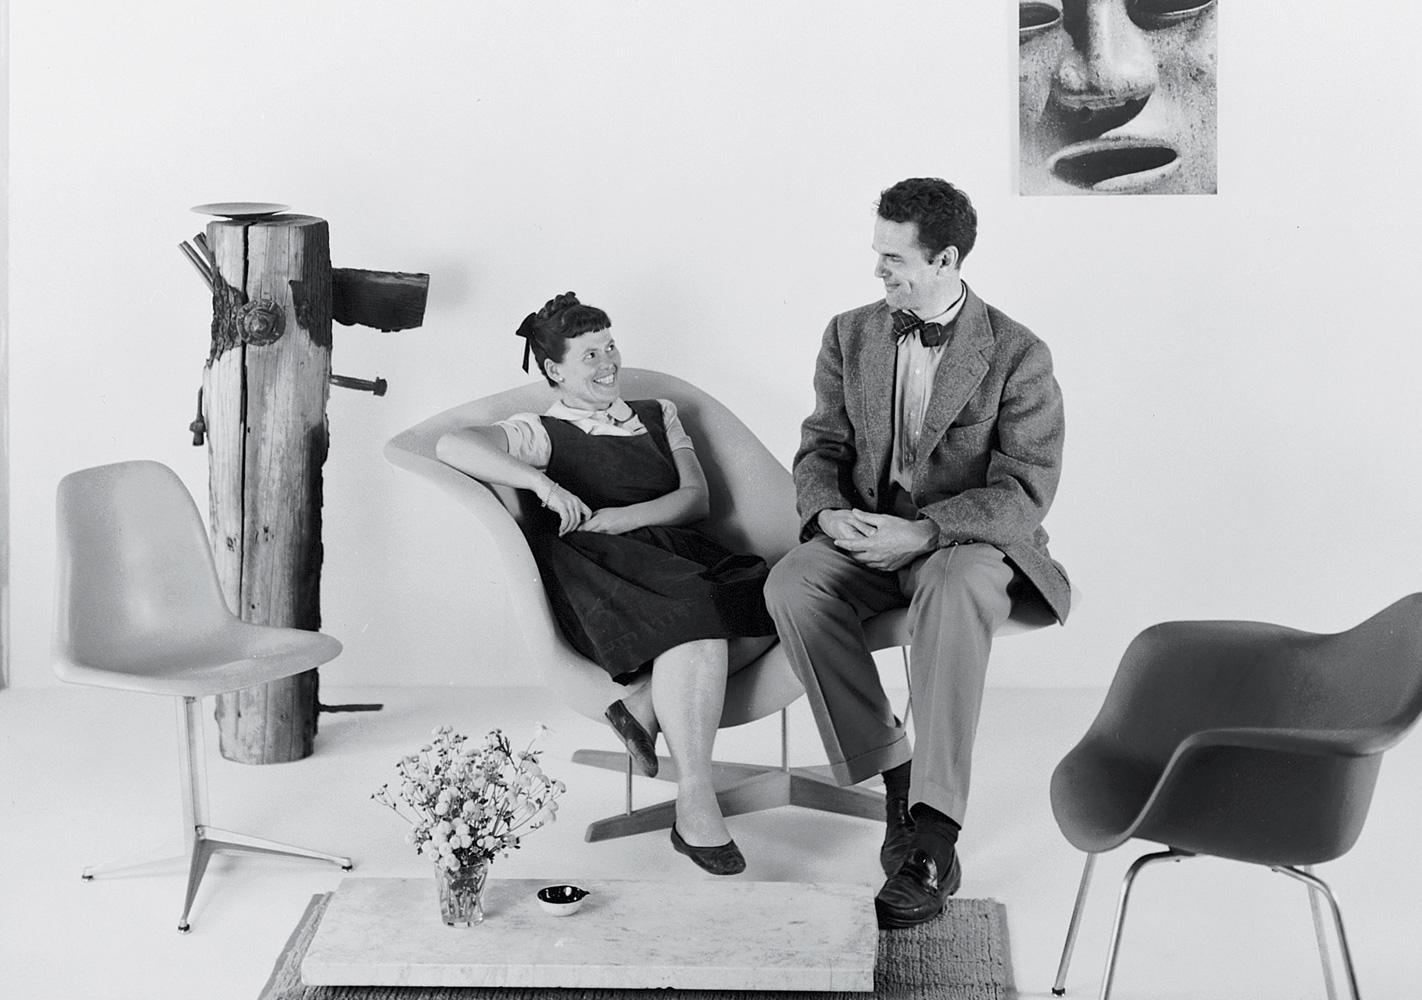 Livre Domus 1950s  - TASCHEN